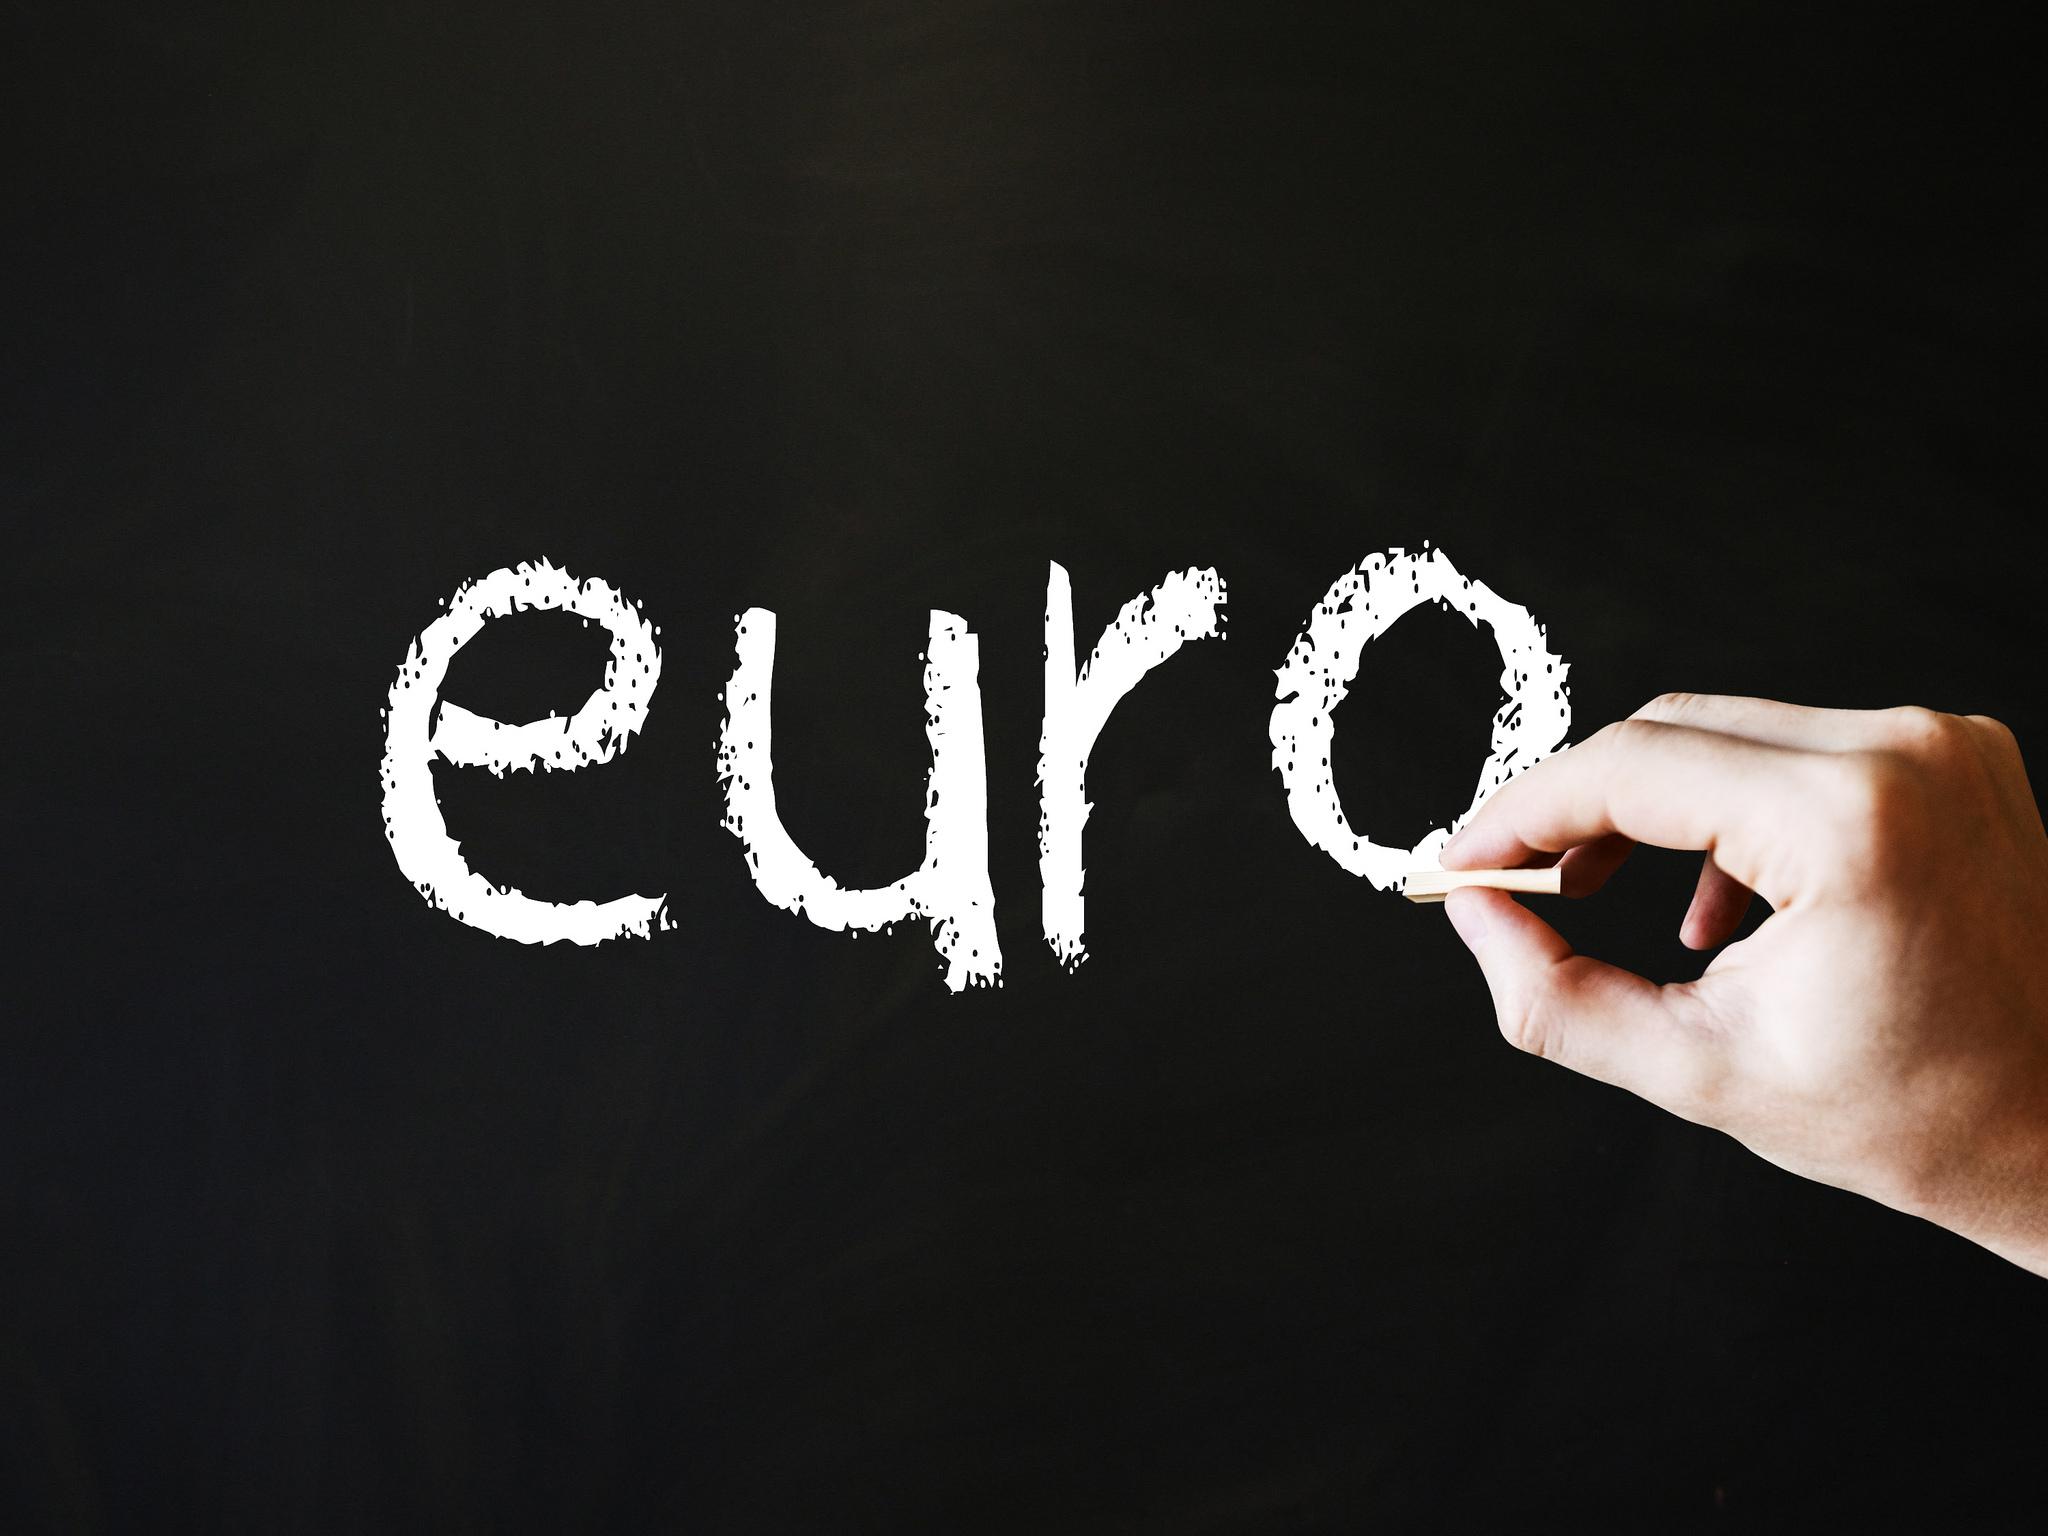 kaip padaryti euro zenkla